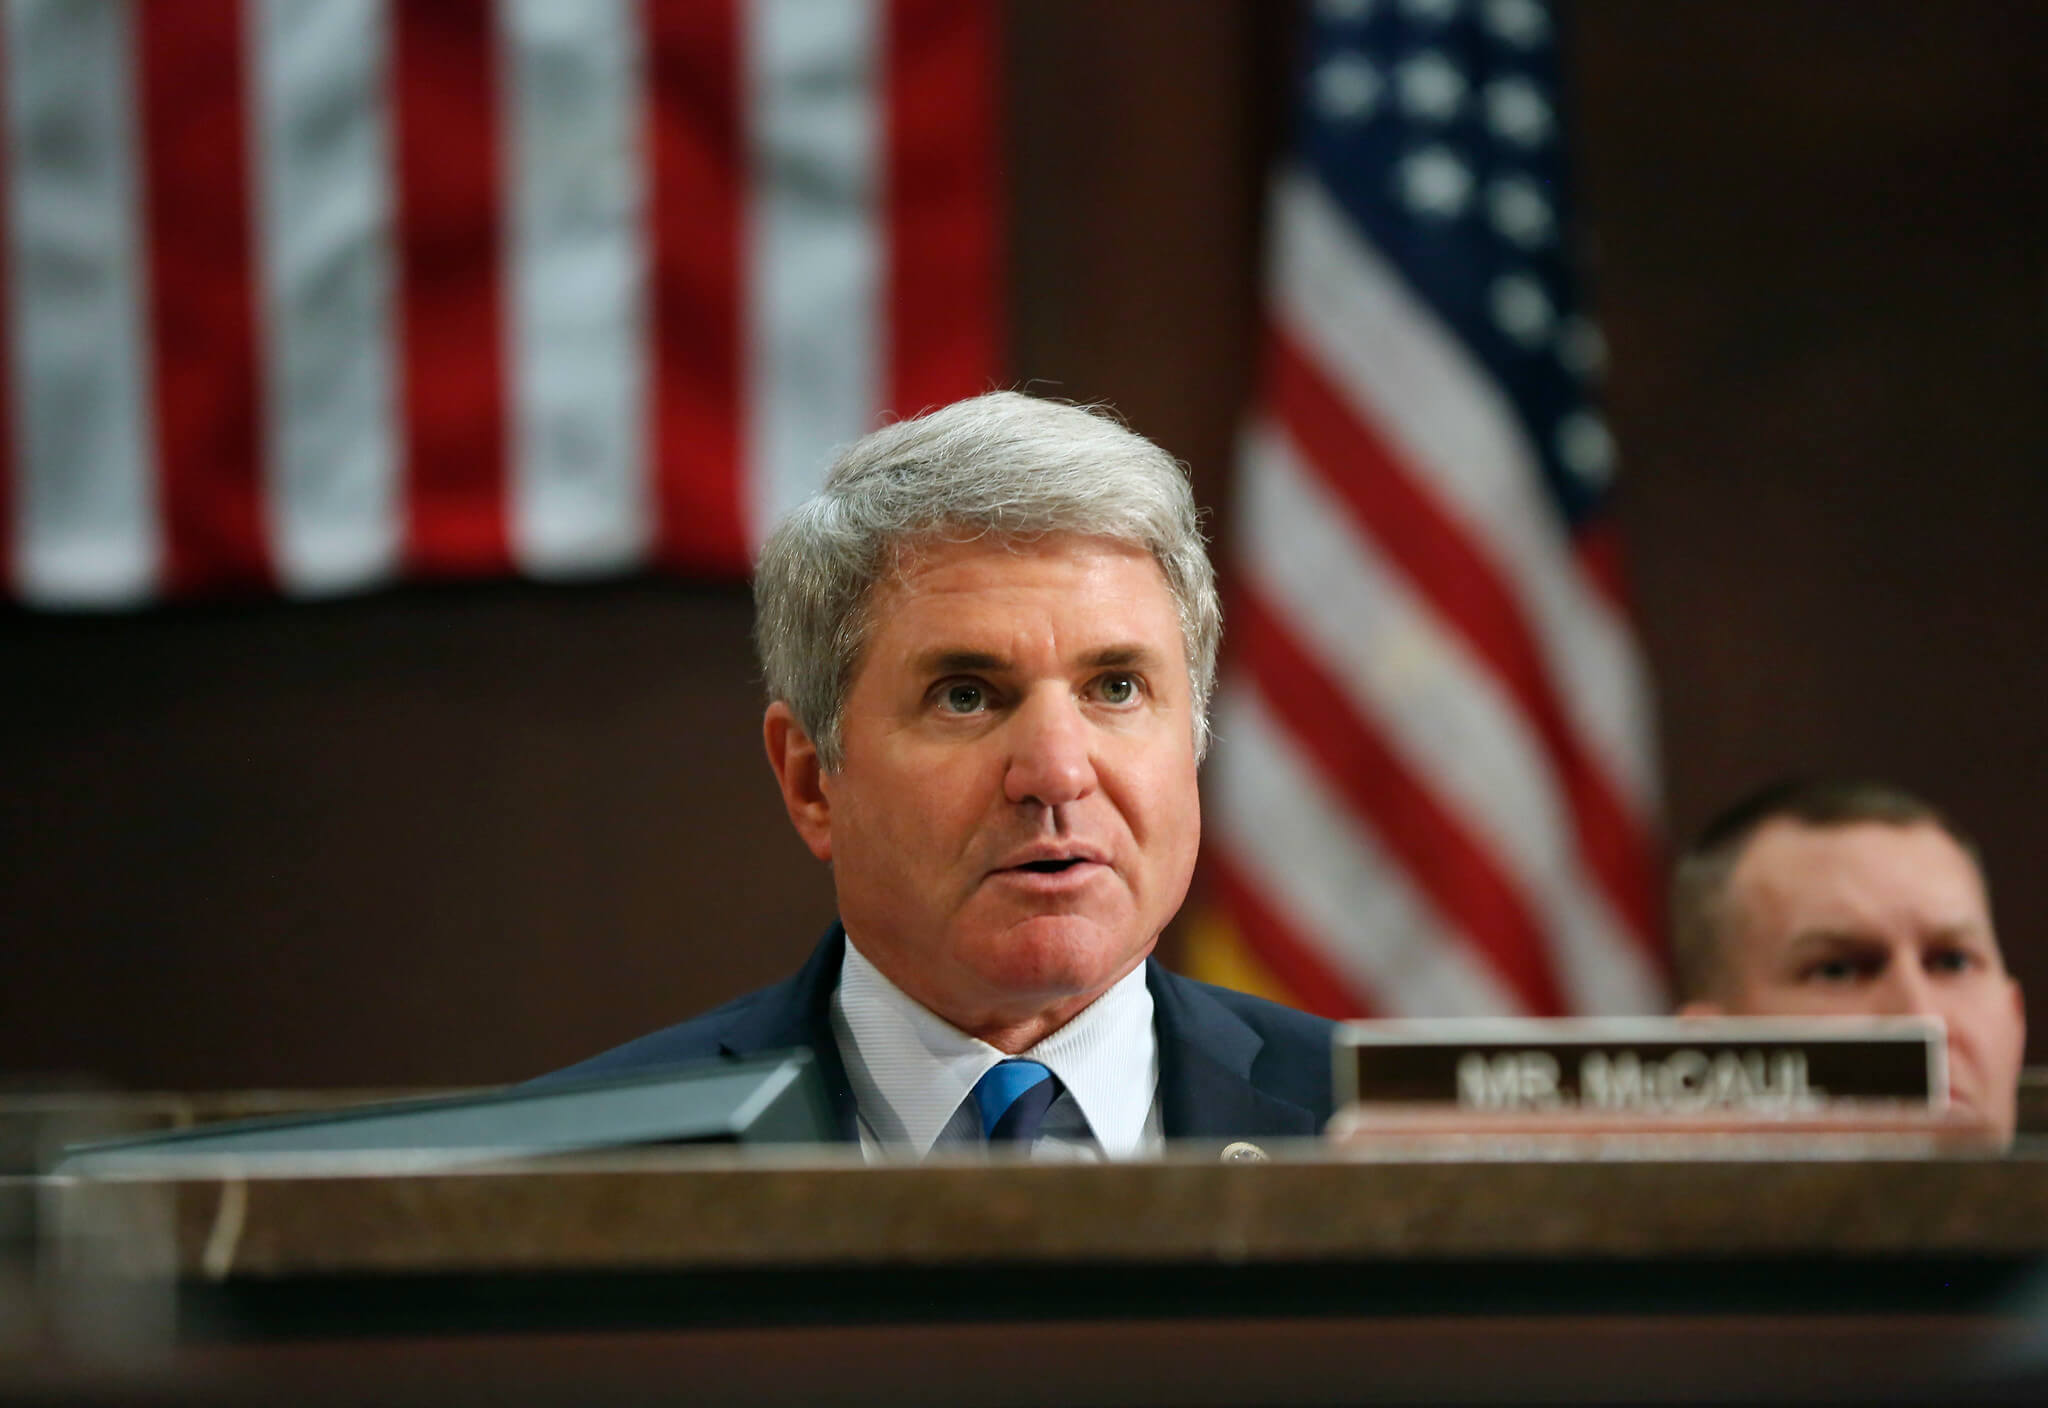 Rep. Michael McCaul